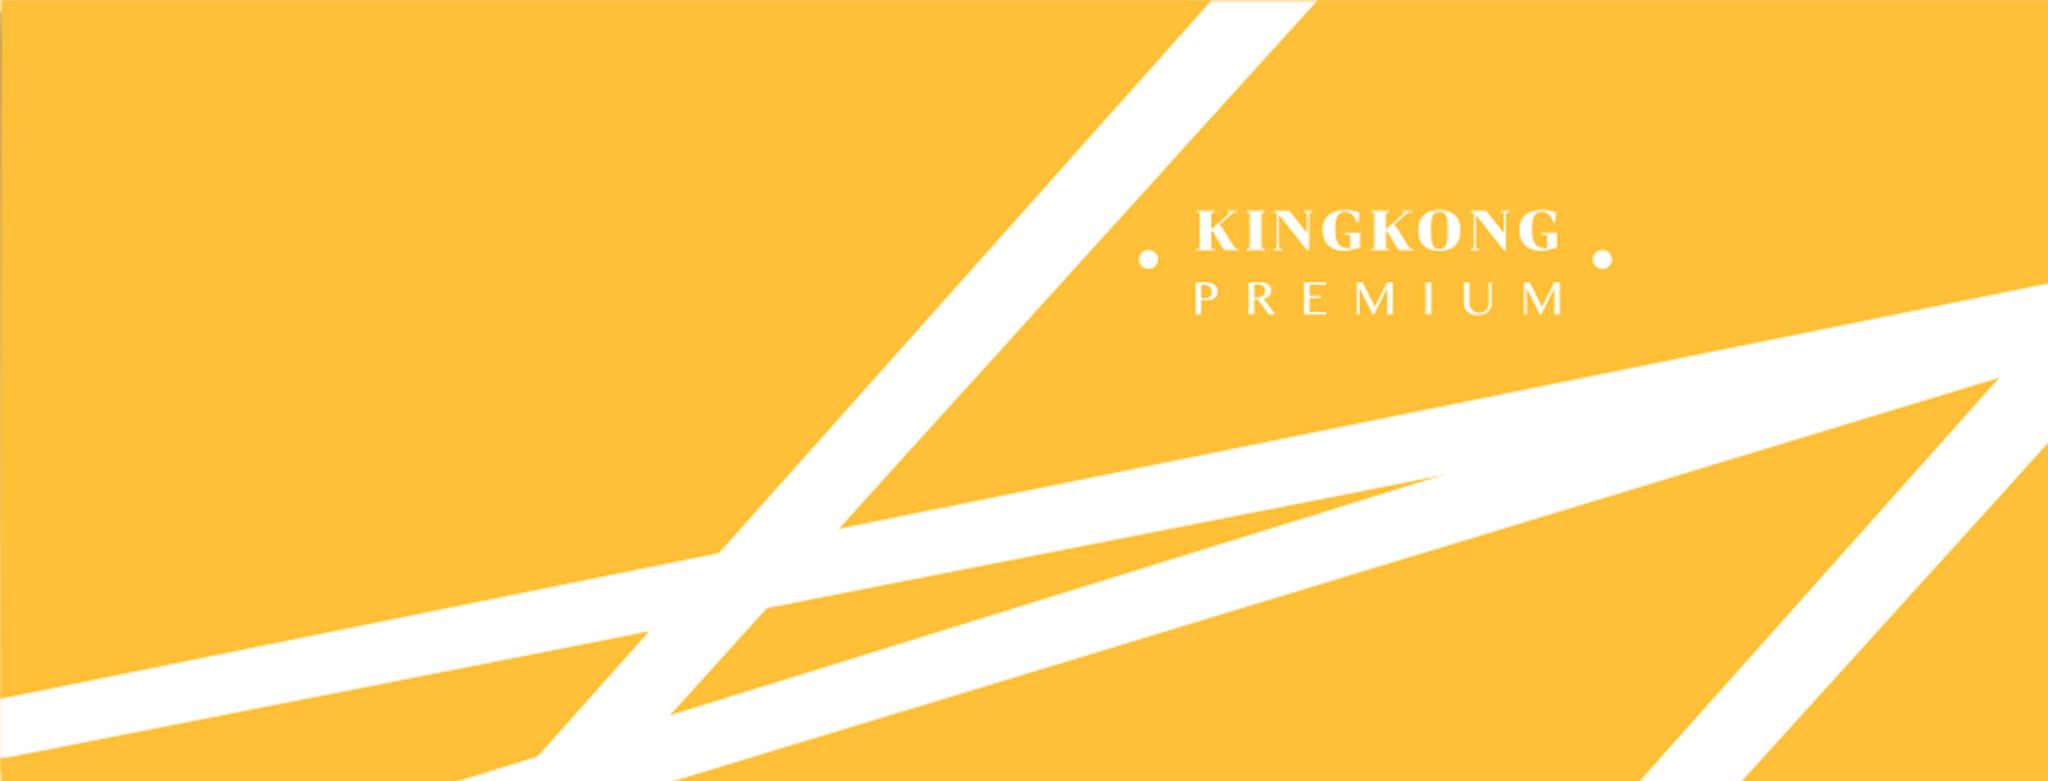 Kingkongpremium รับผลิตพวงกุญแจยาง